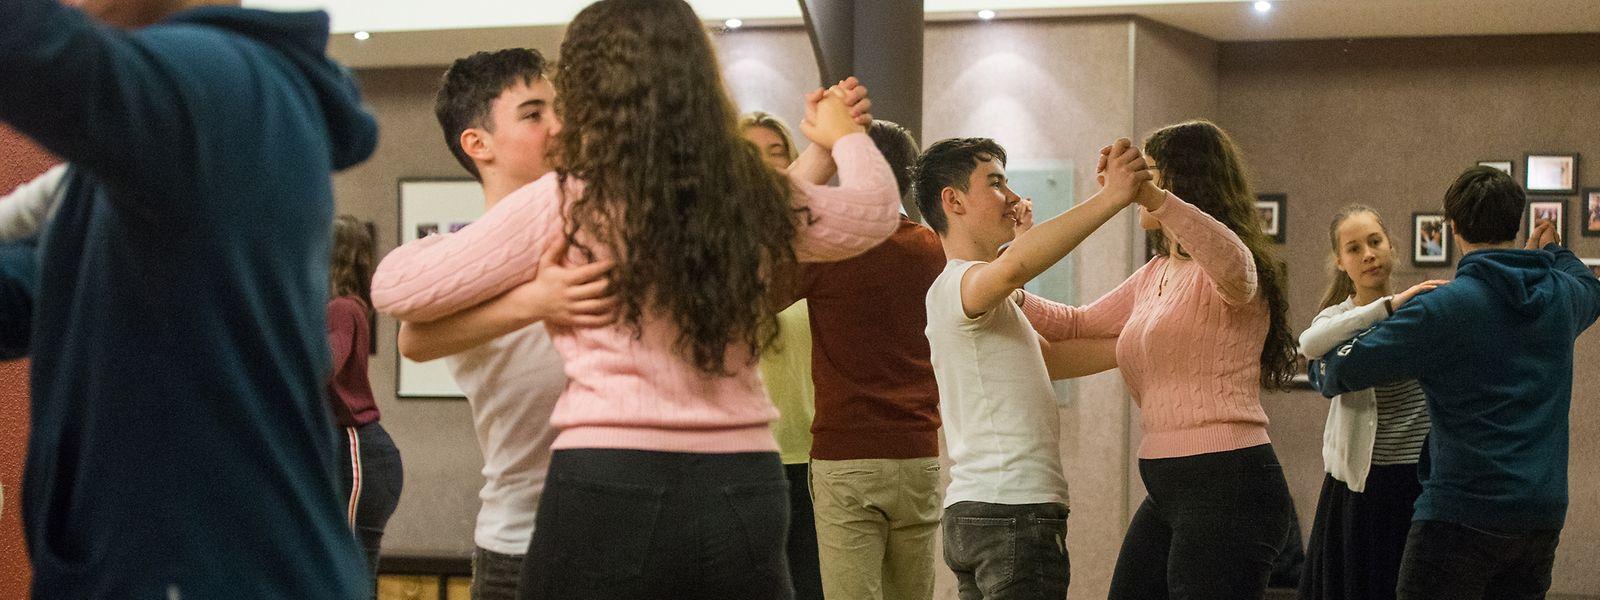 Herzklopfen im Dreivierteltakt - zu Besuch in der letzten Tanzstunde vorm Premier Bal (Tanzschule Roulling anc. Annette Kohner), Foto: Lex Klerenn/Luxemburger Wort